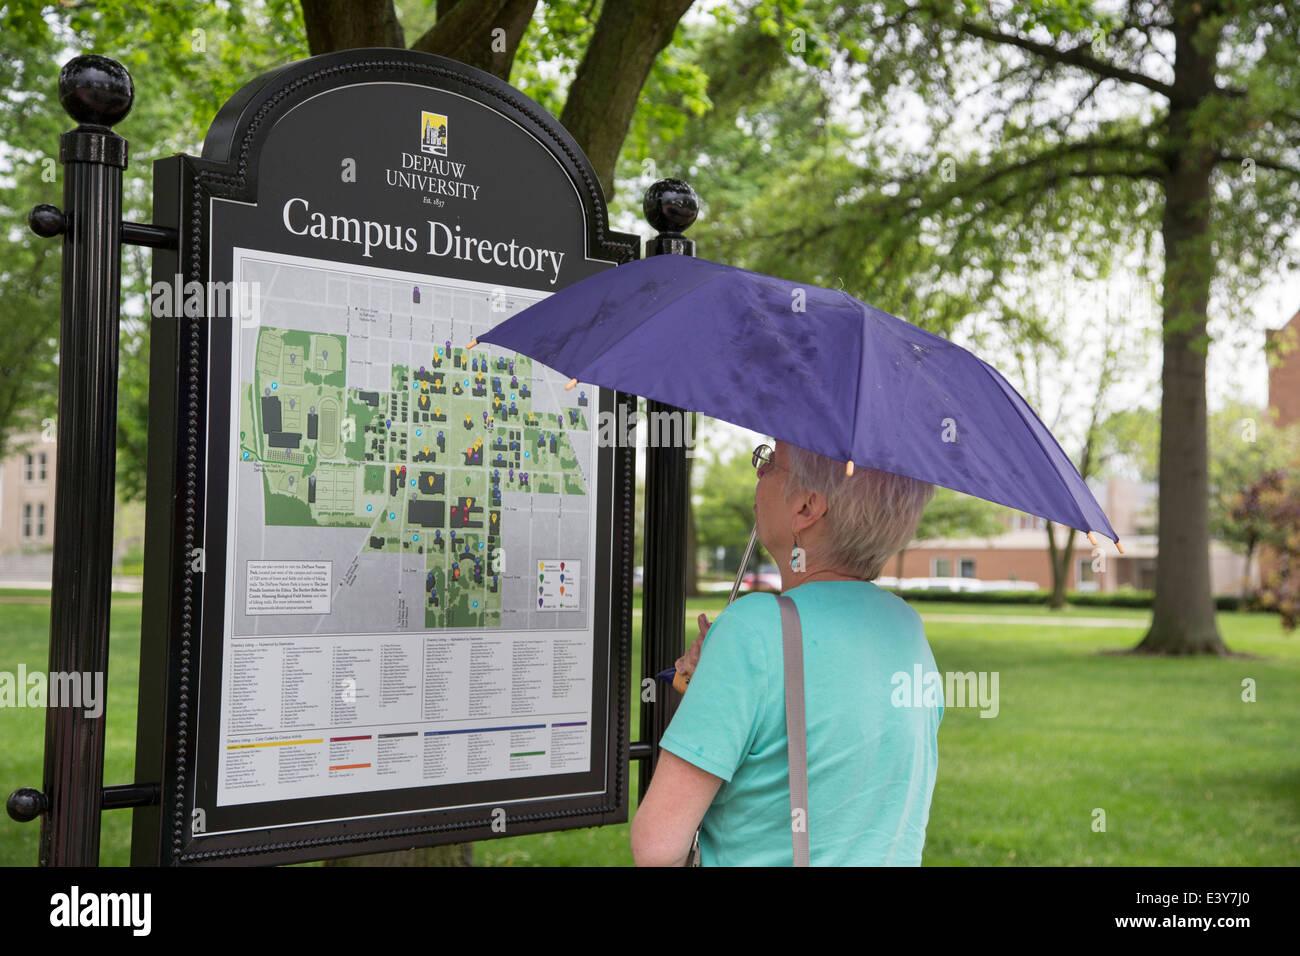 Greencastle, Indiana - une femme campus annuaire des études à l'Université Depauw. Photo Stock